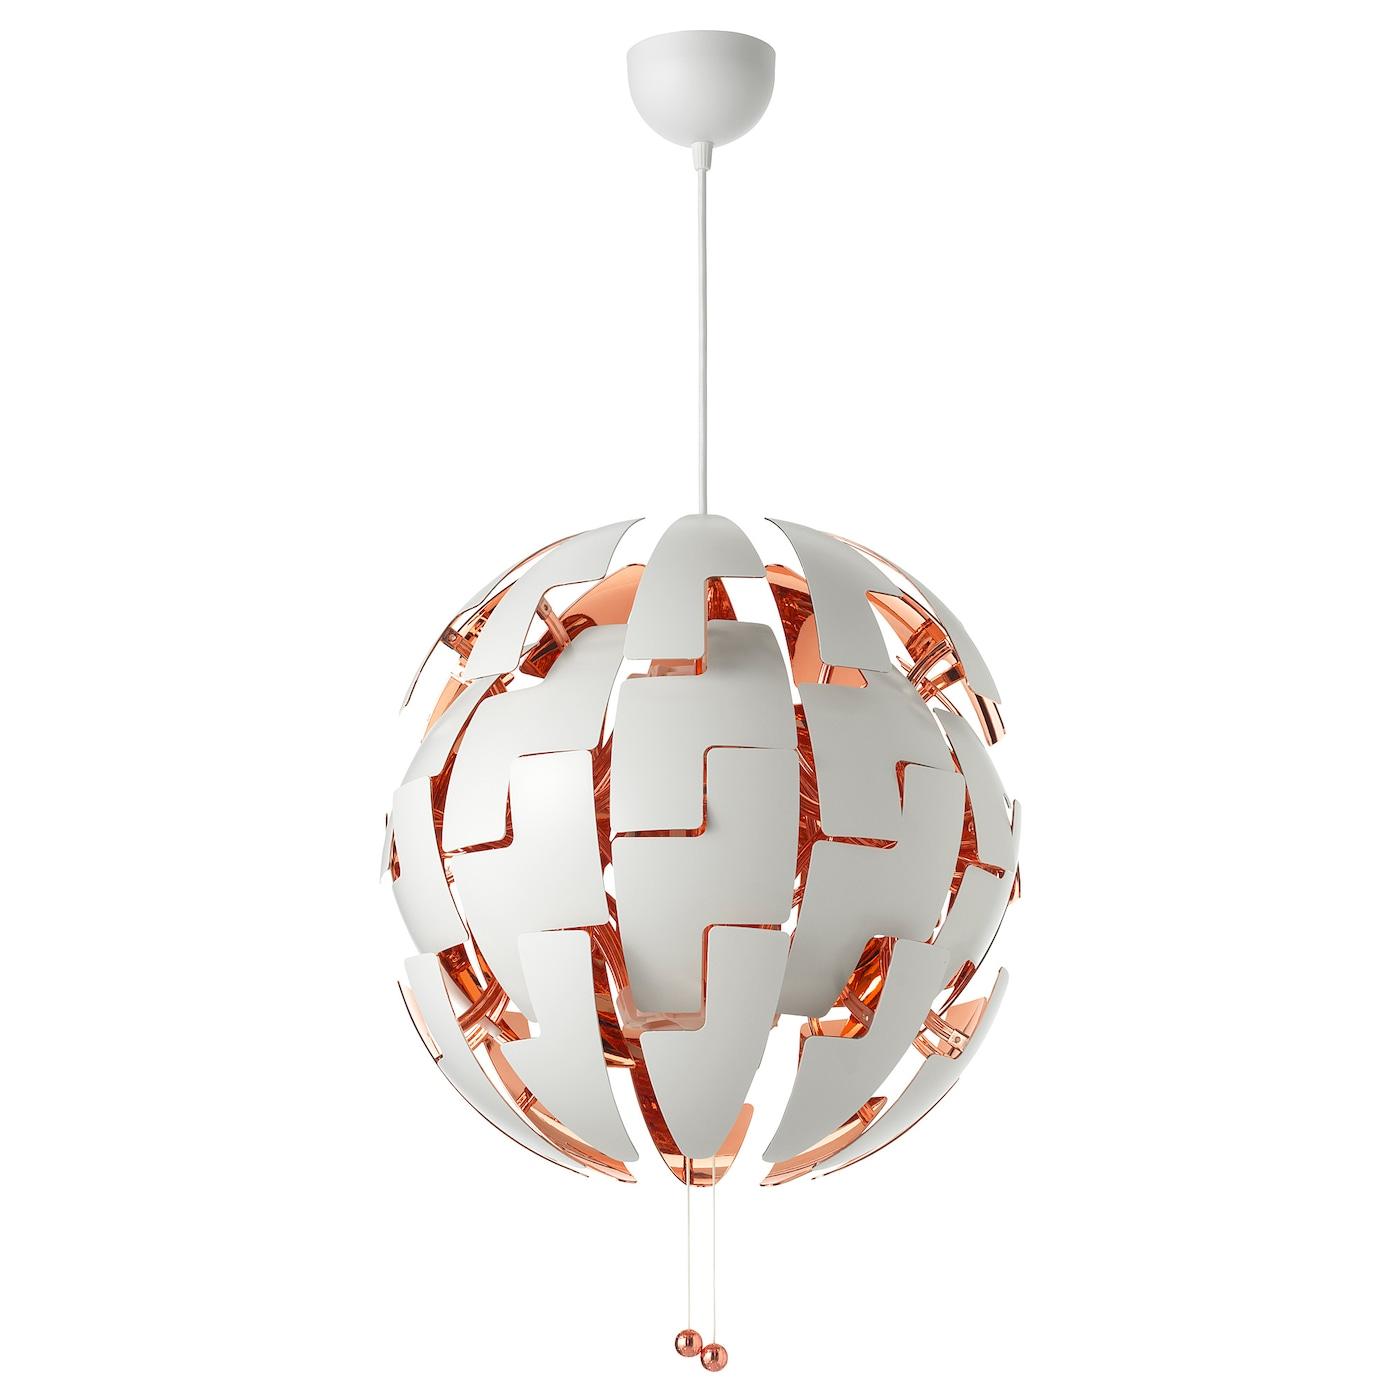 ikea ps 2014 suspension blanc/couleur cuivre 52 cm - ikea